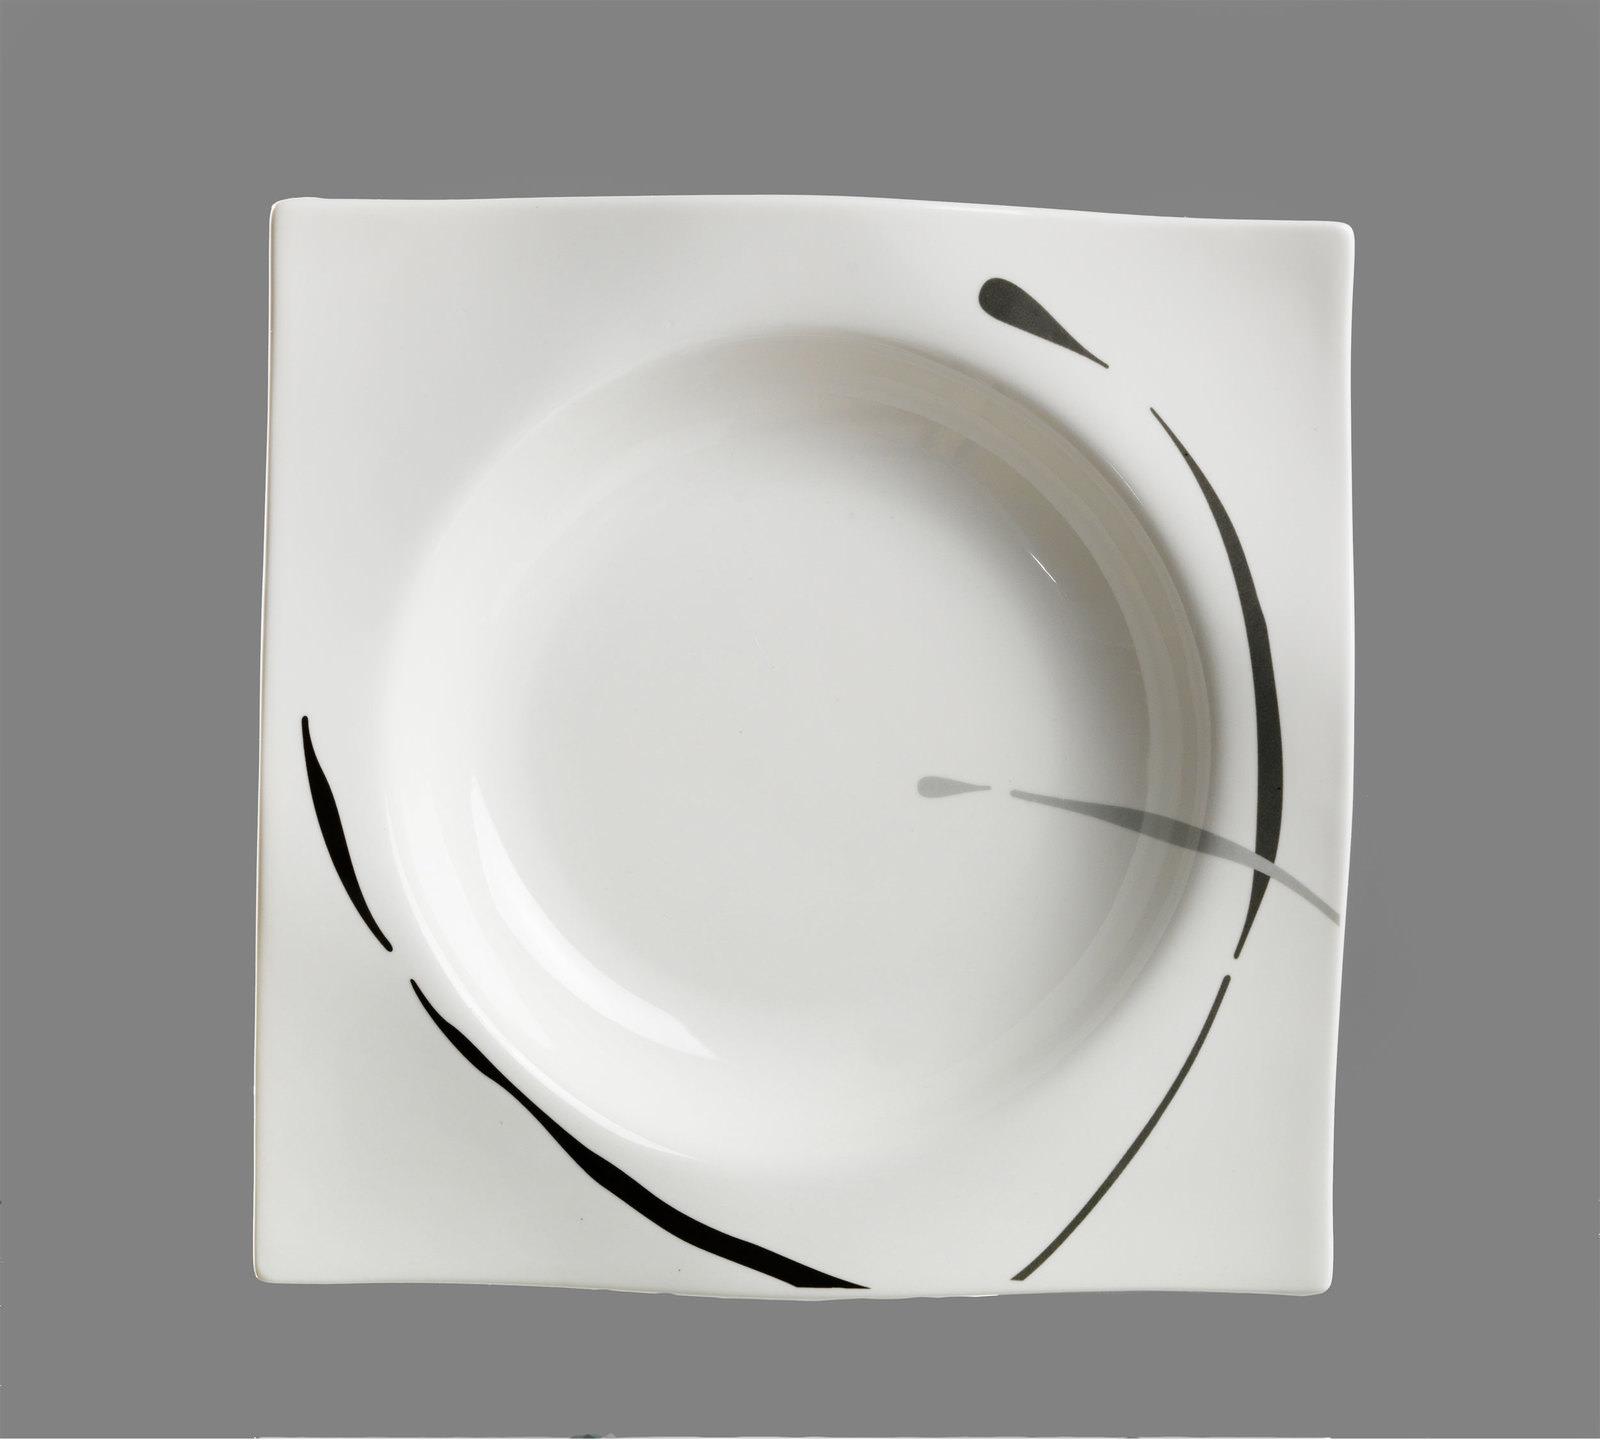 Küchen Kevelaer mit genial ideen für ihr haus design ideen